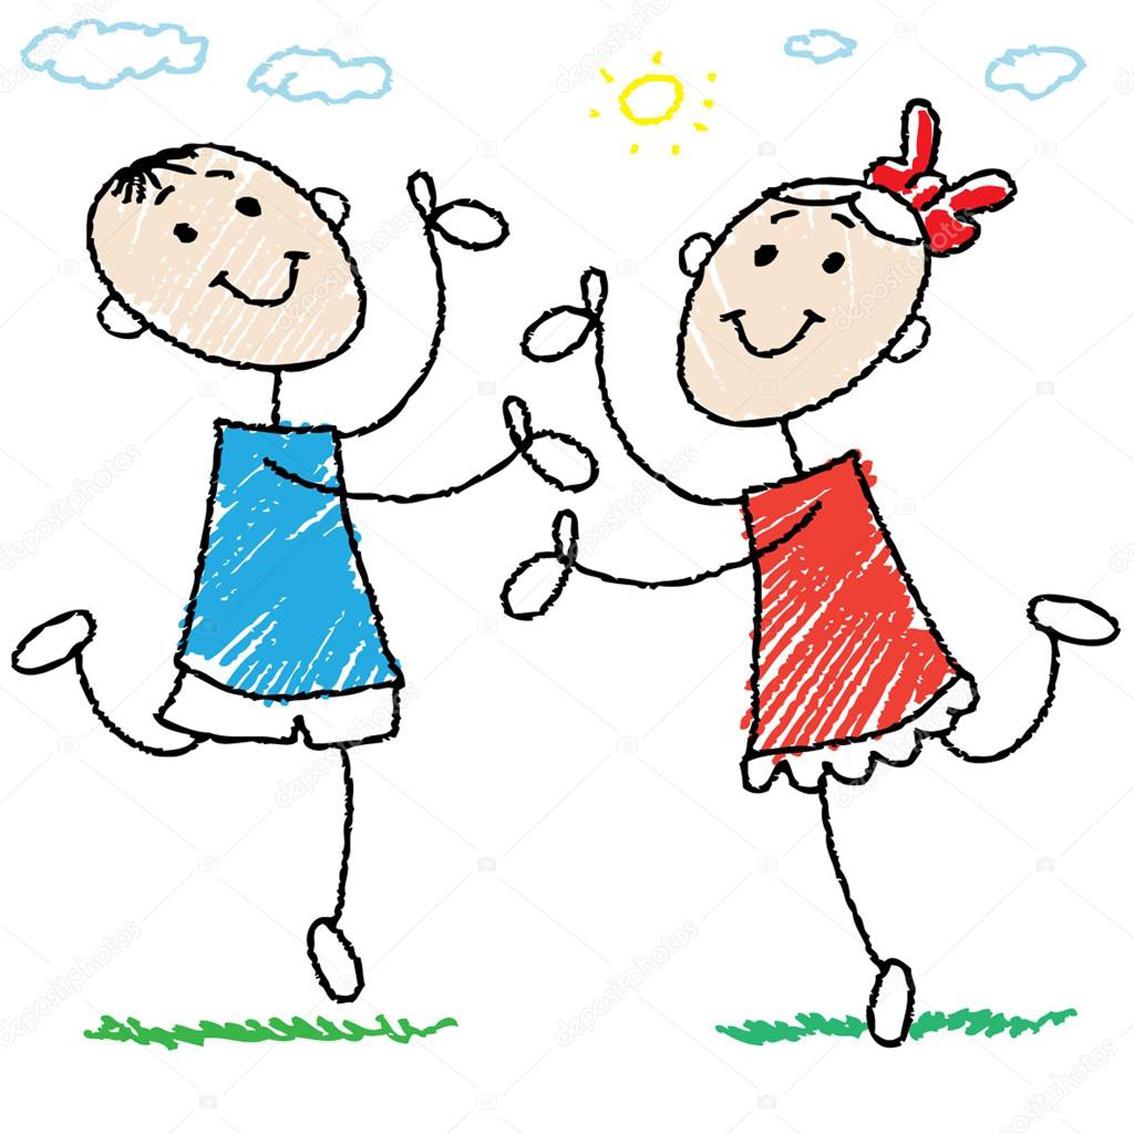 Картинки я танцую для детей по этапам, картинки днем